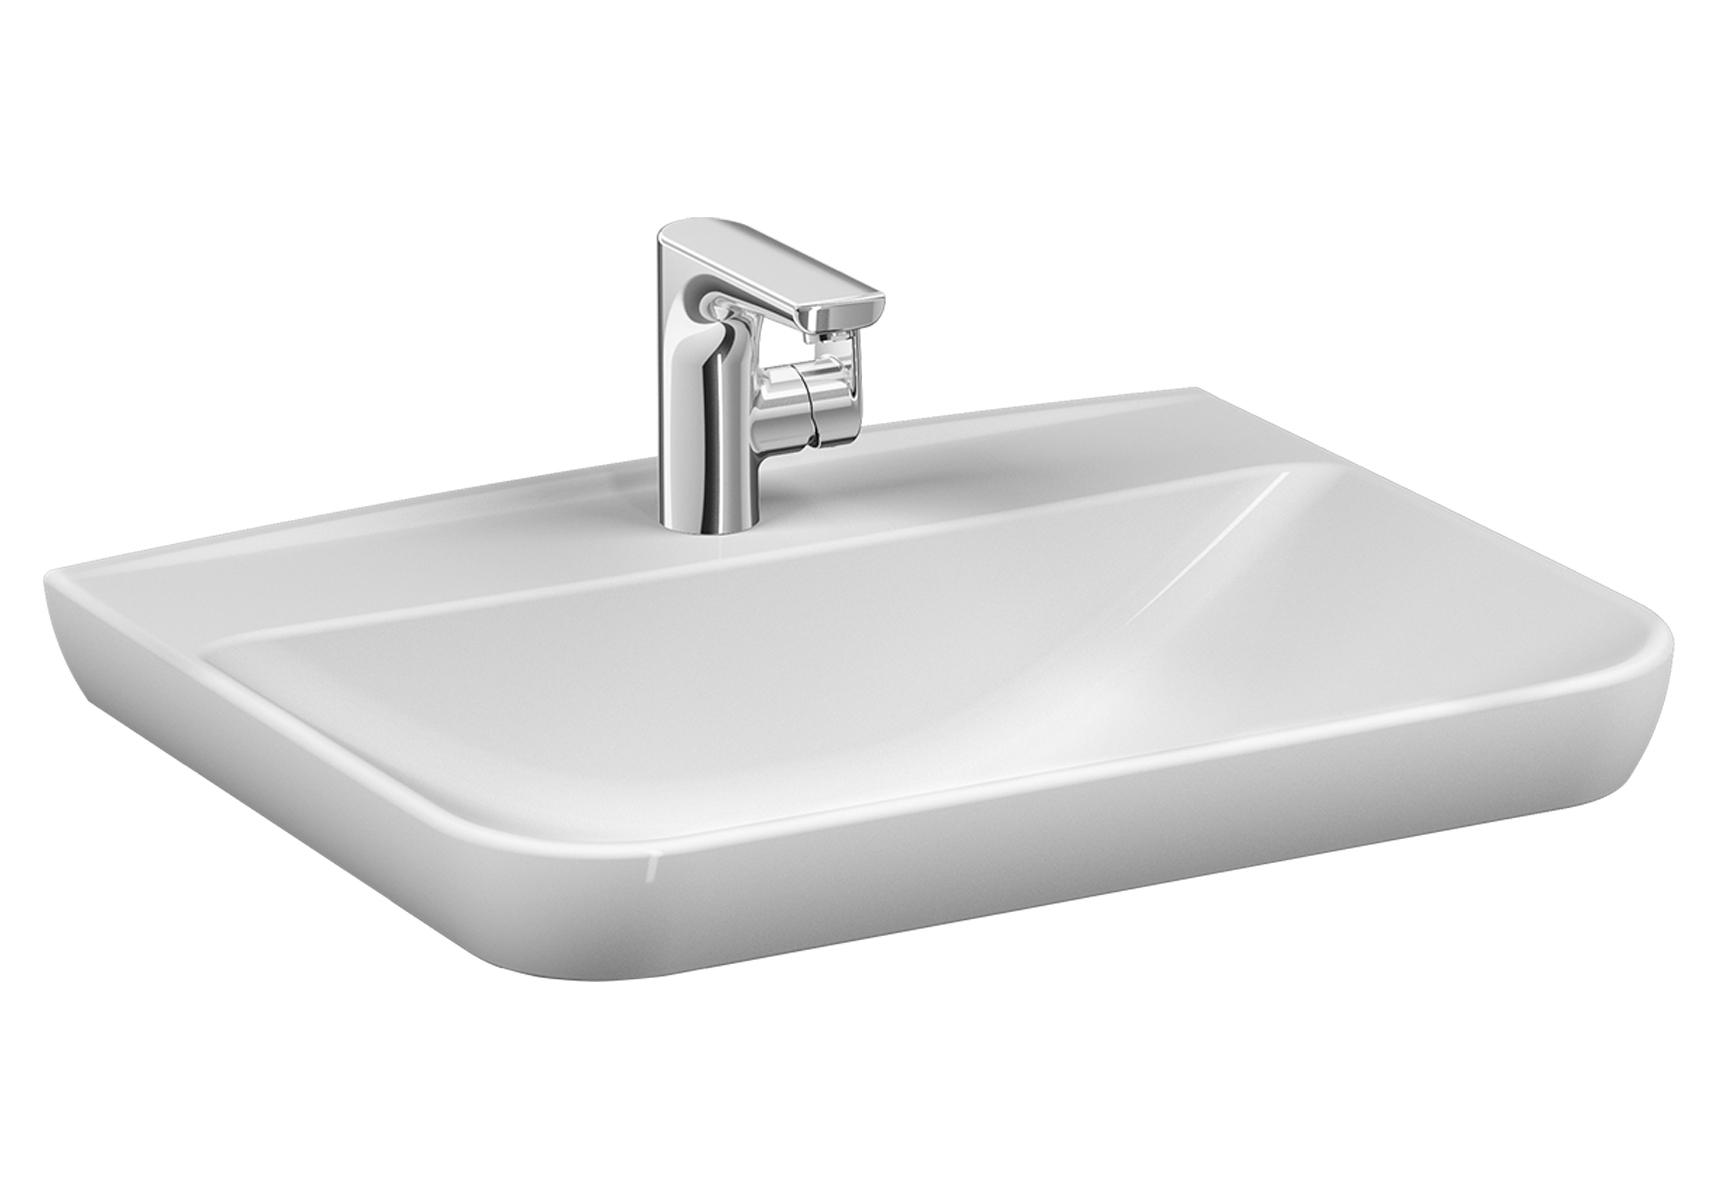 Sento Waschtisch, 63 cm, mit Hahnloch mittig, mit Überlaufloch mittig,Weiß, VitrA Clean